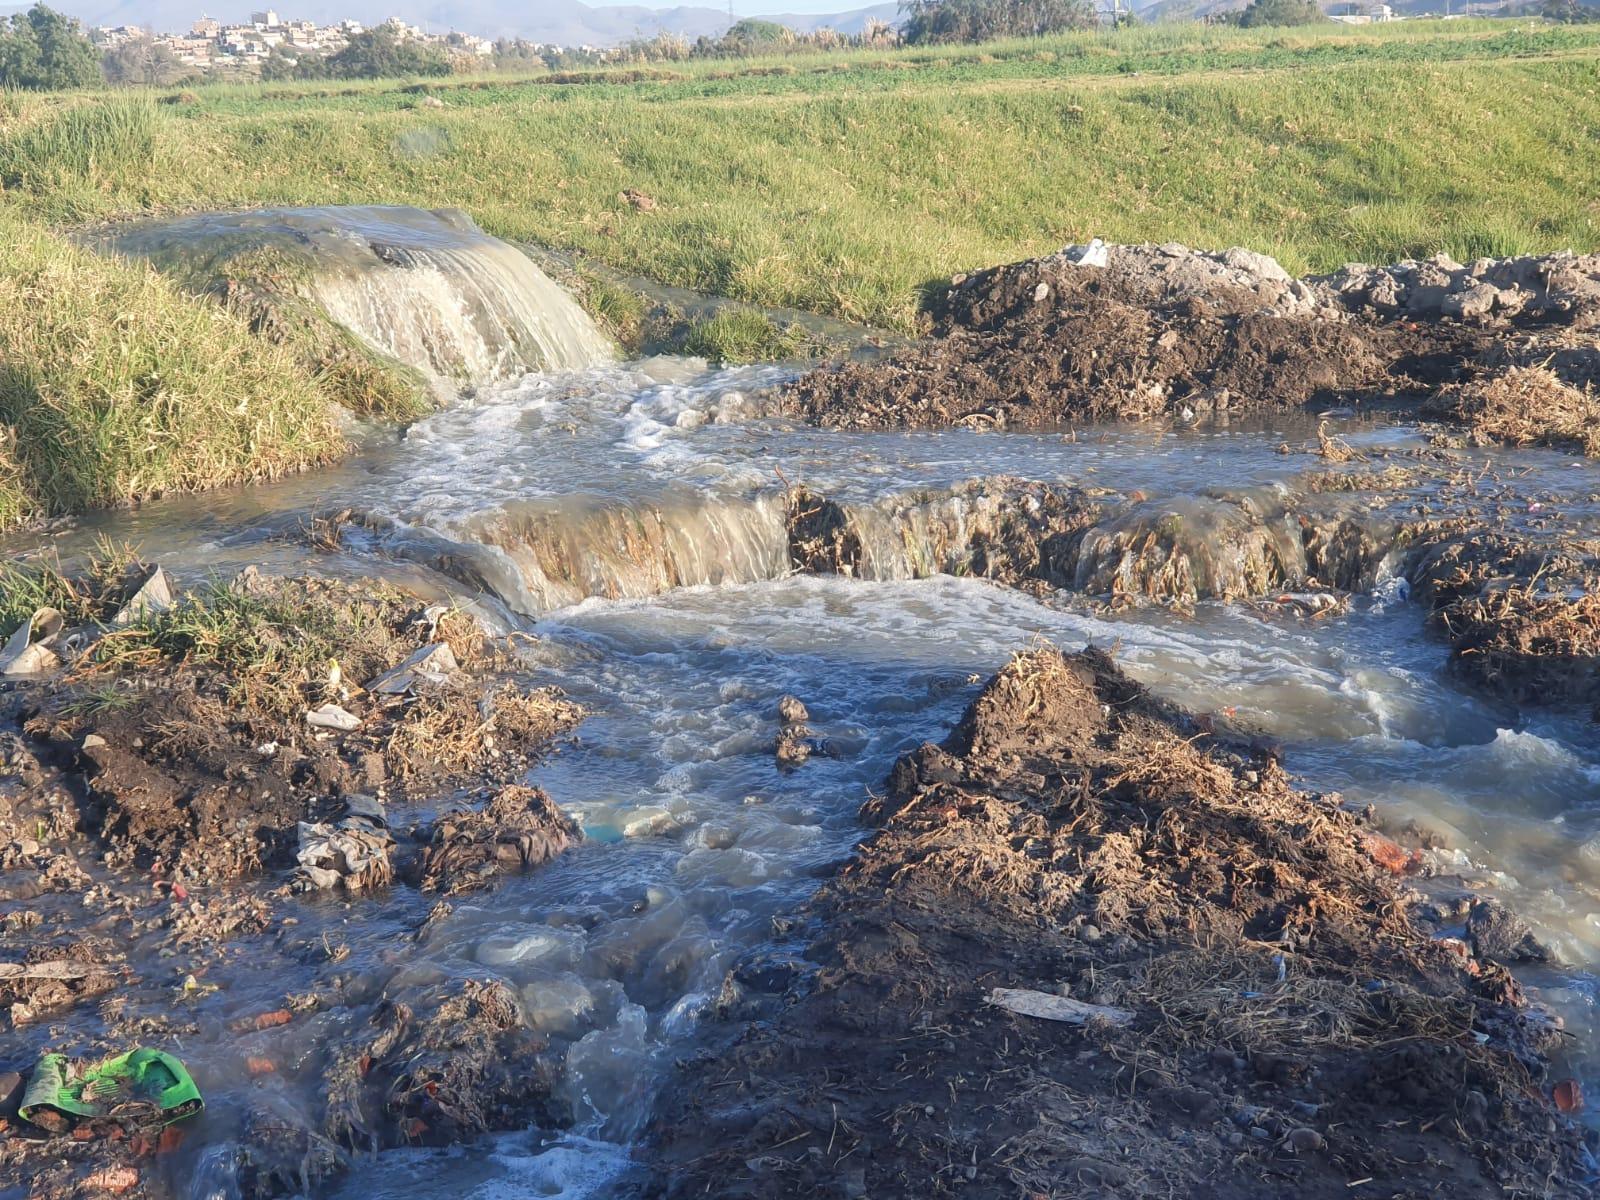 Agricultores de Socabaya denuncian el colapso constante de desague que afecta sus chacras y su ganado